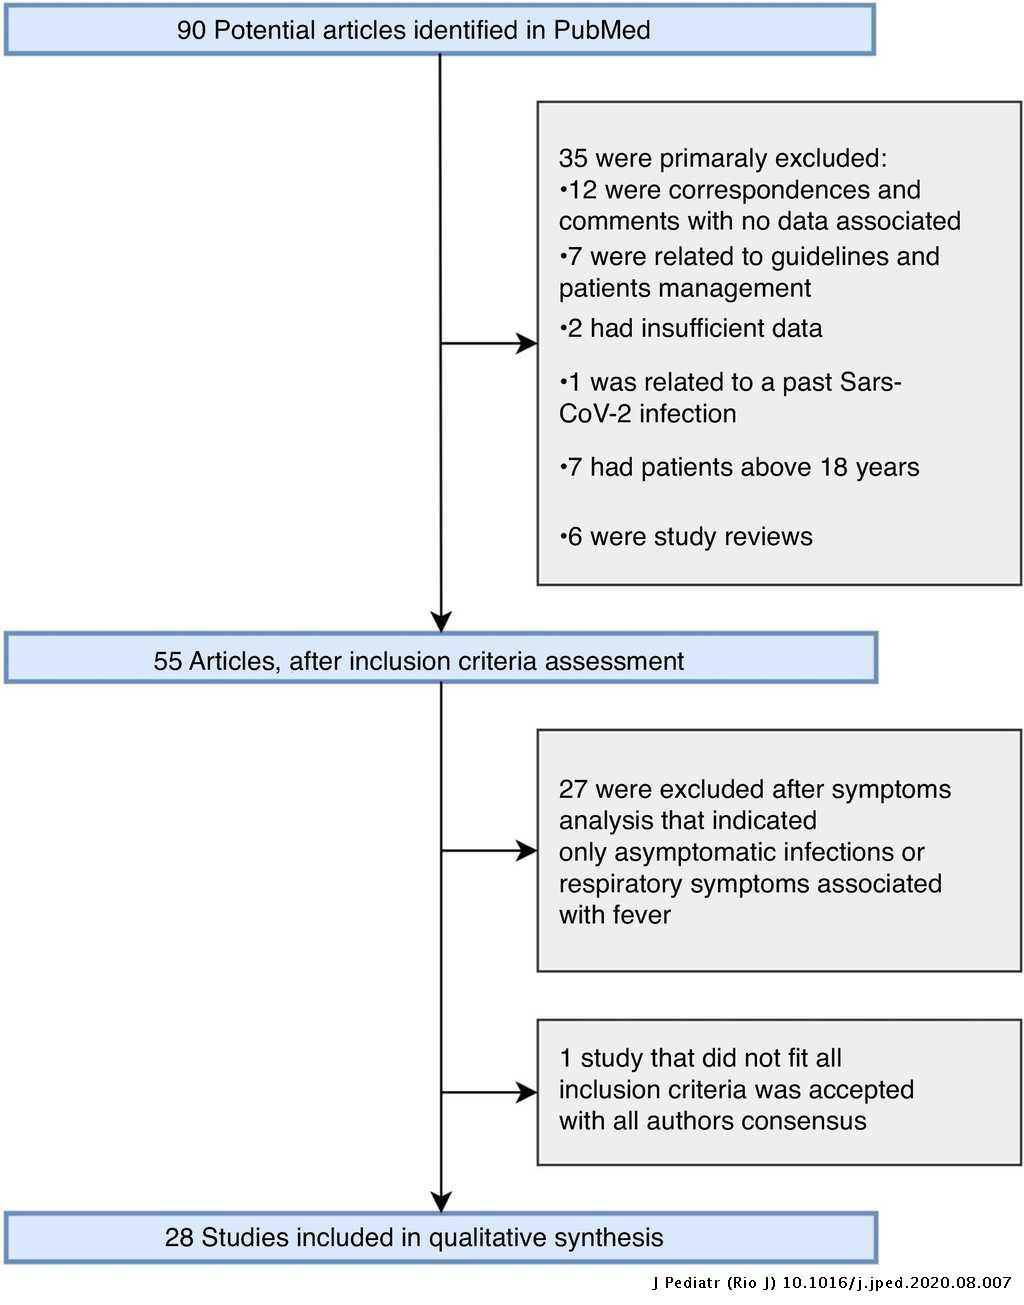 A D-dimer alapján határozható meg az alvadásgátlás időtartama vénás thromboemboliában